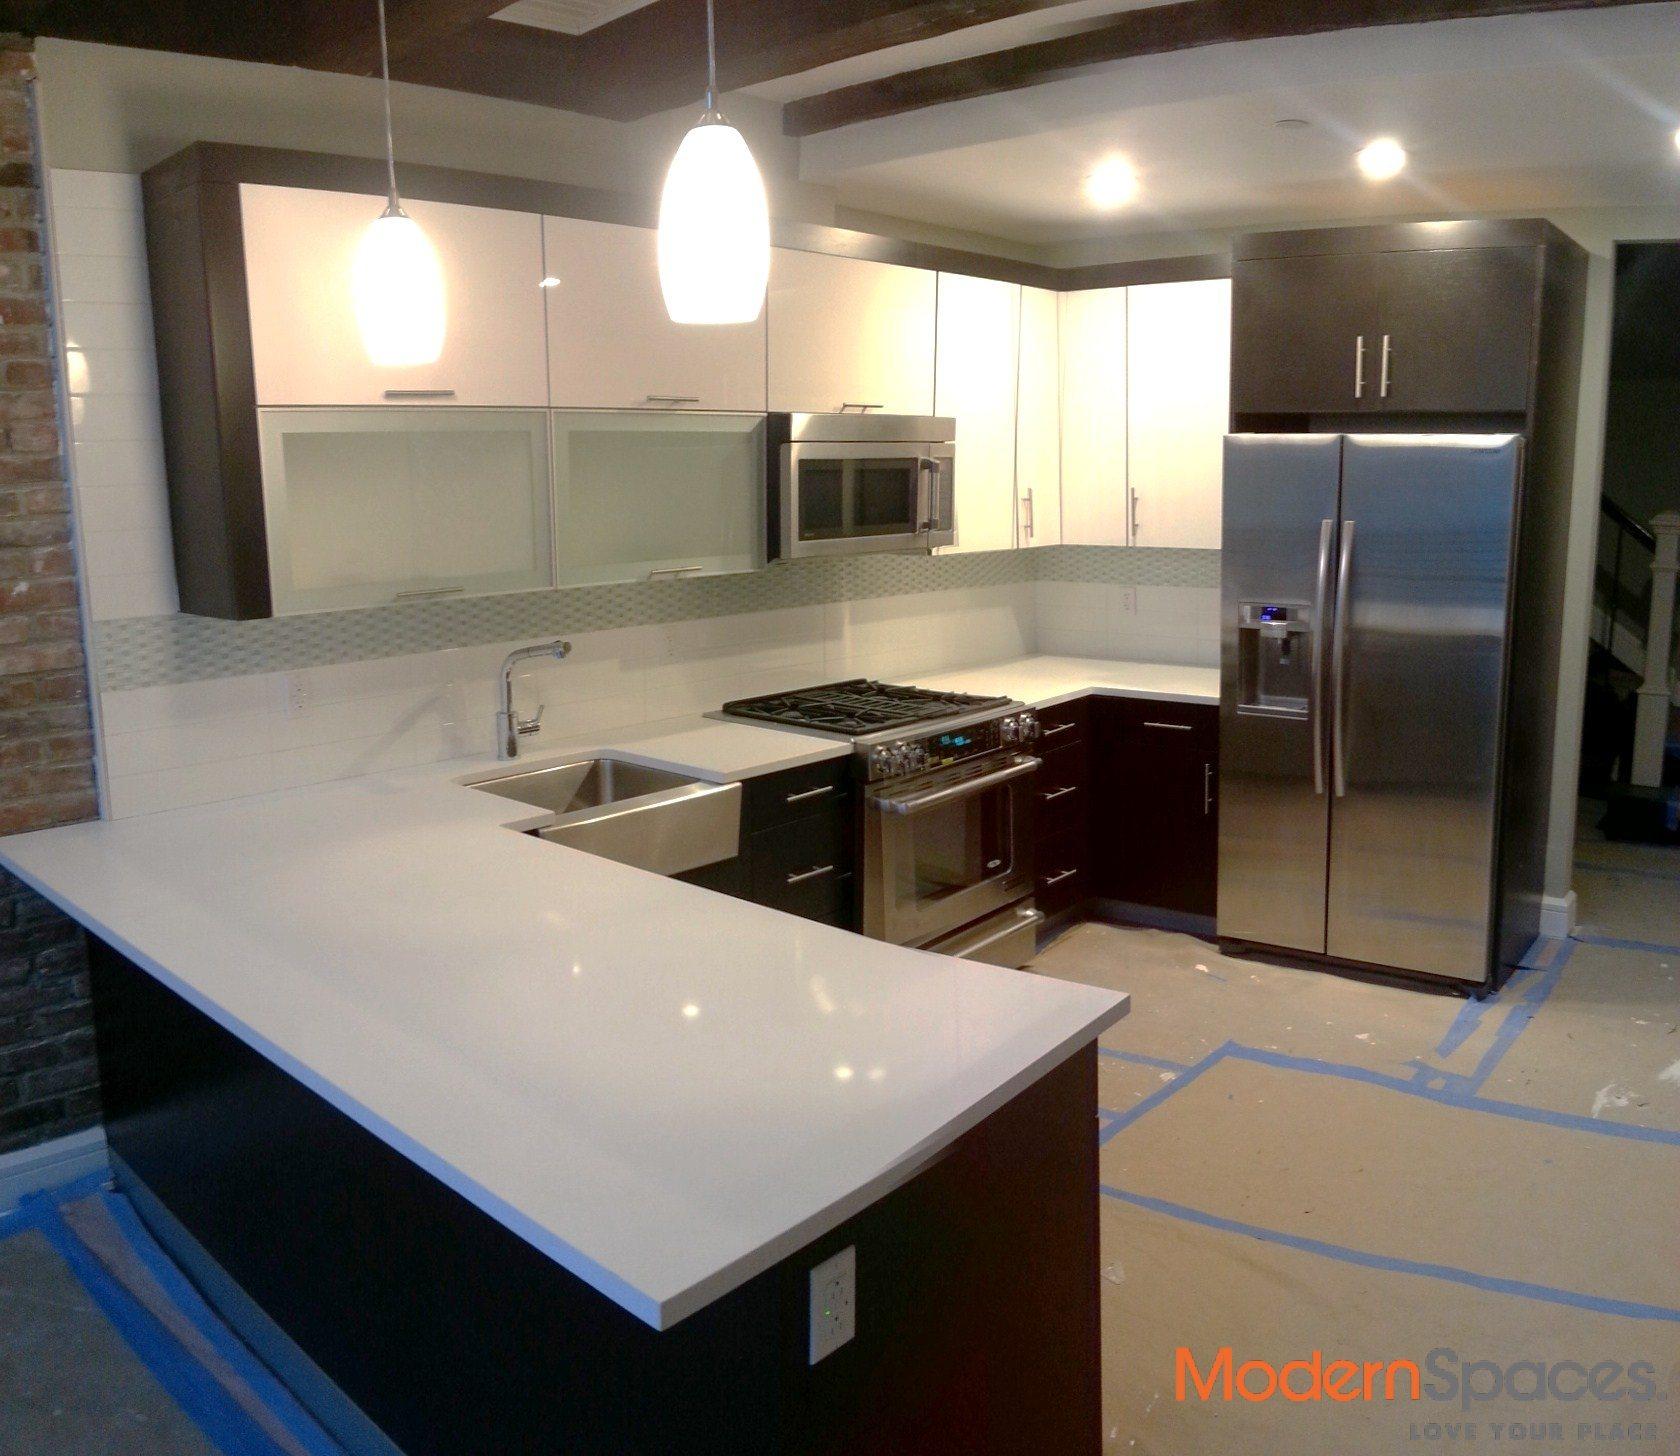 2 Bedroom Apartments For Rent In Queens: 18-10 Astoria Blvd & 18 Street., 4B Is A 2-bedroom